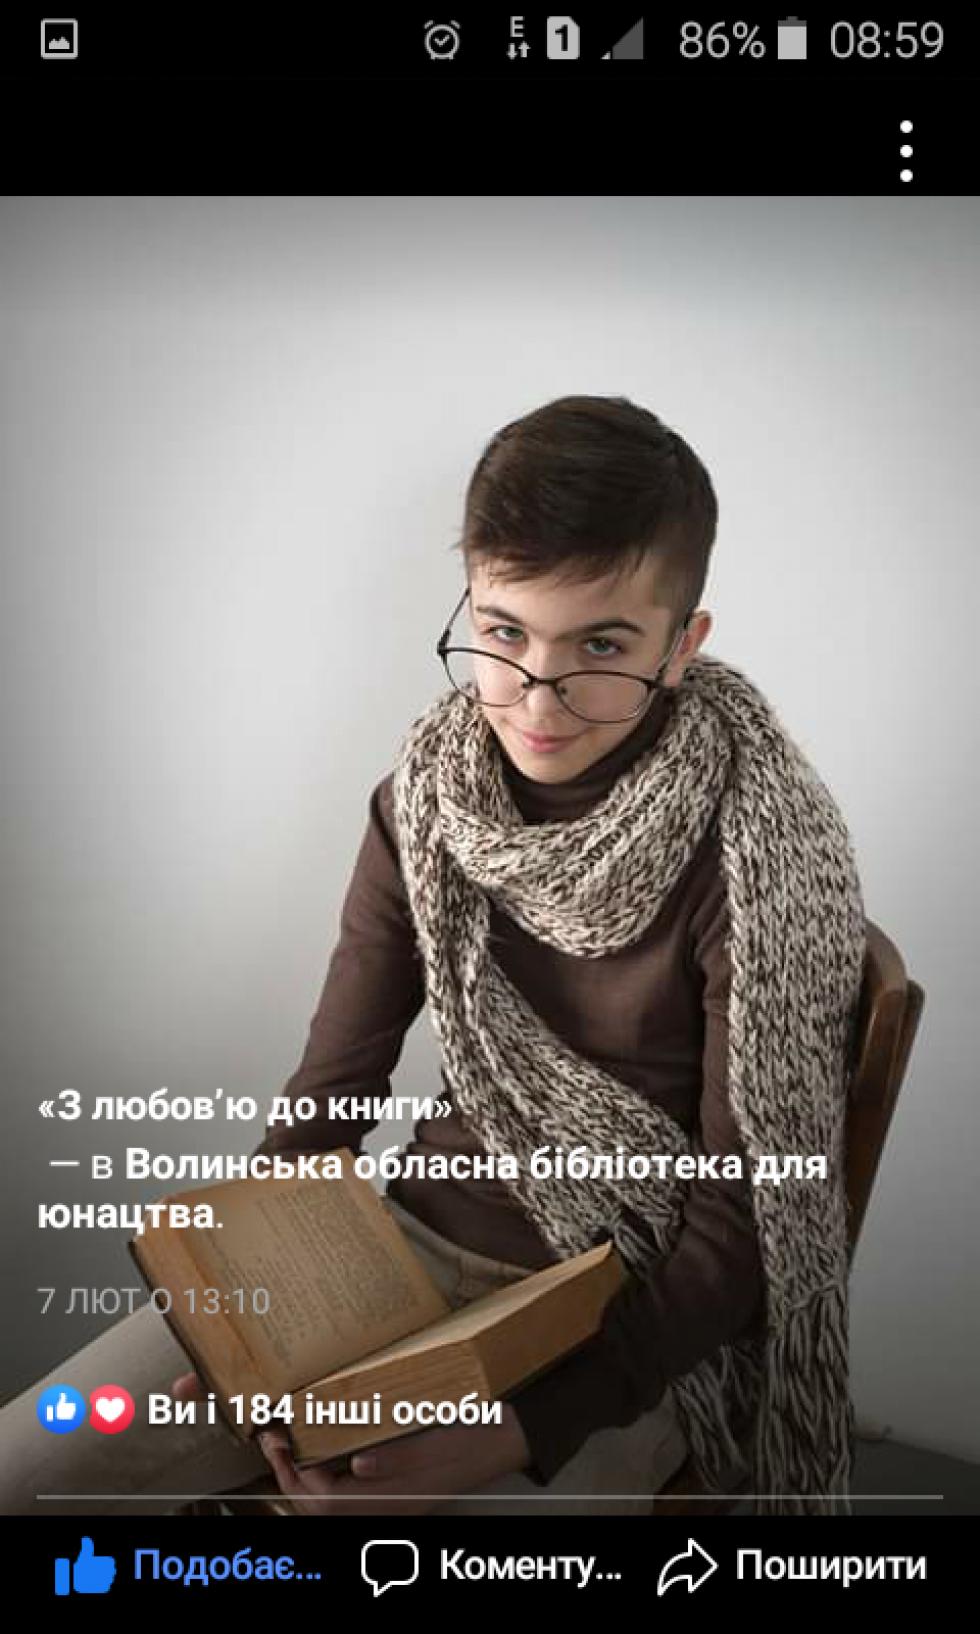 Ярослав Новак